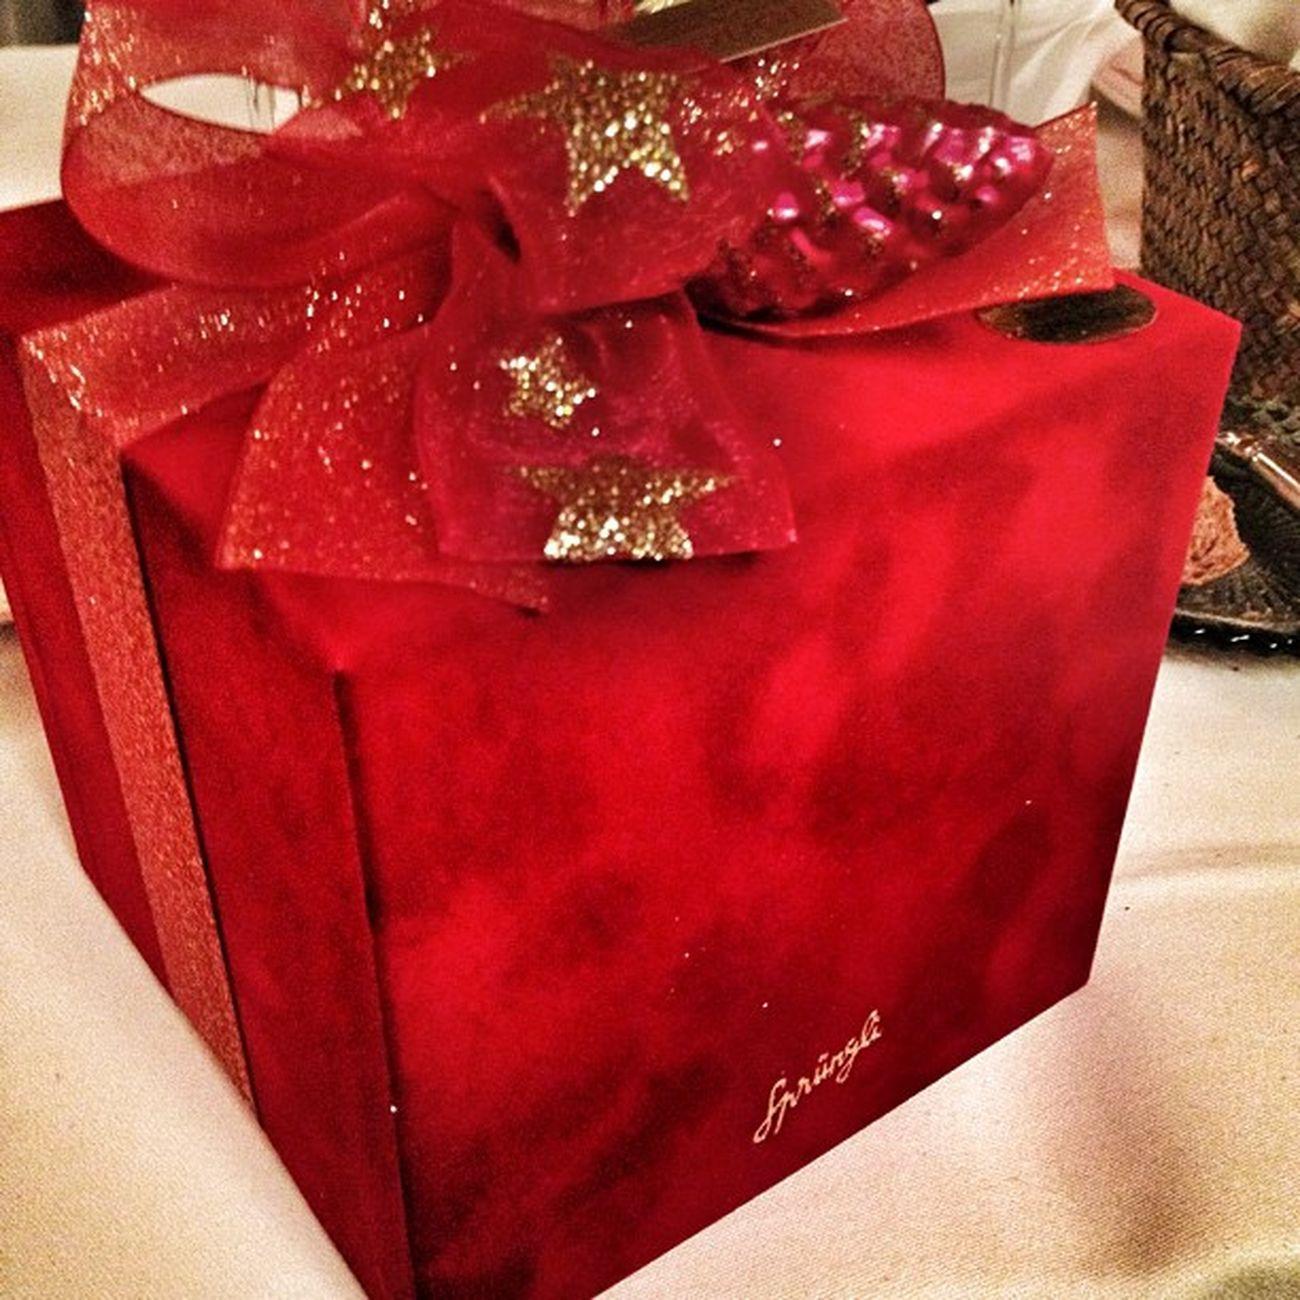 Weihnachtsgeschenk von Sprüngli ...hmmmm